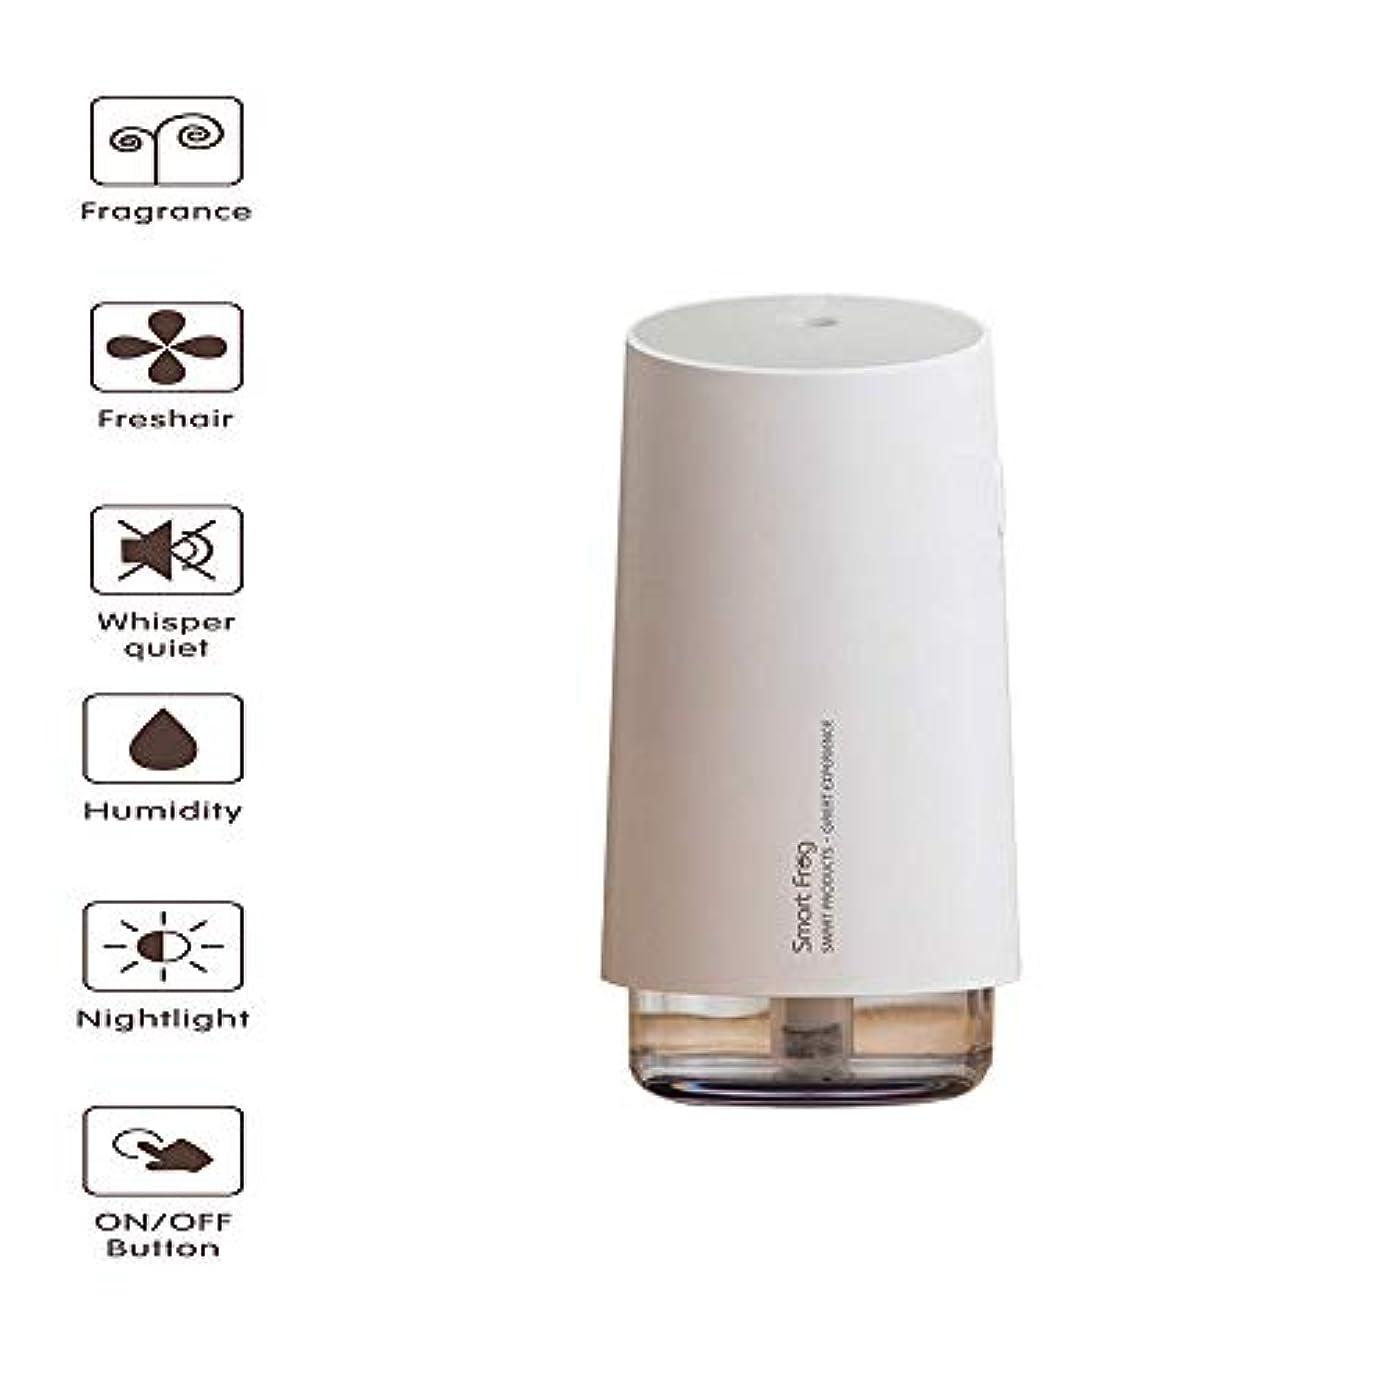 アクセントシロクマ自動的にアロマディフューザー、エッセンシャルオイルディフューザー、アロマディフューザー、超音波加湿器、クールスプレー付、ウォーターレス自動クローズ、静かなささやき、ナイトライト